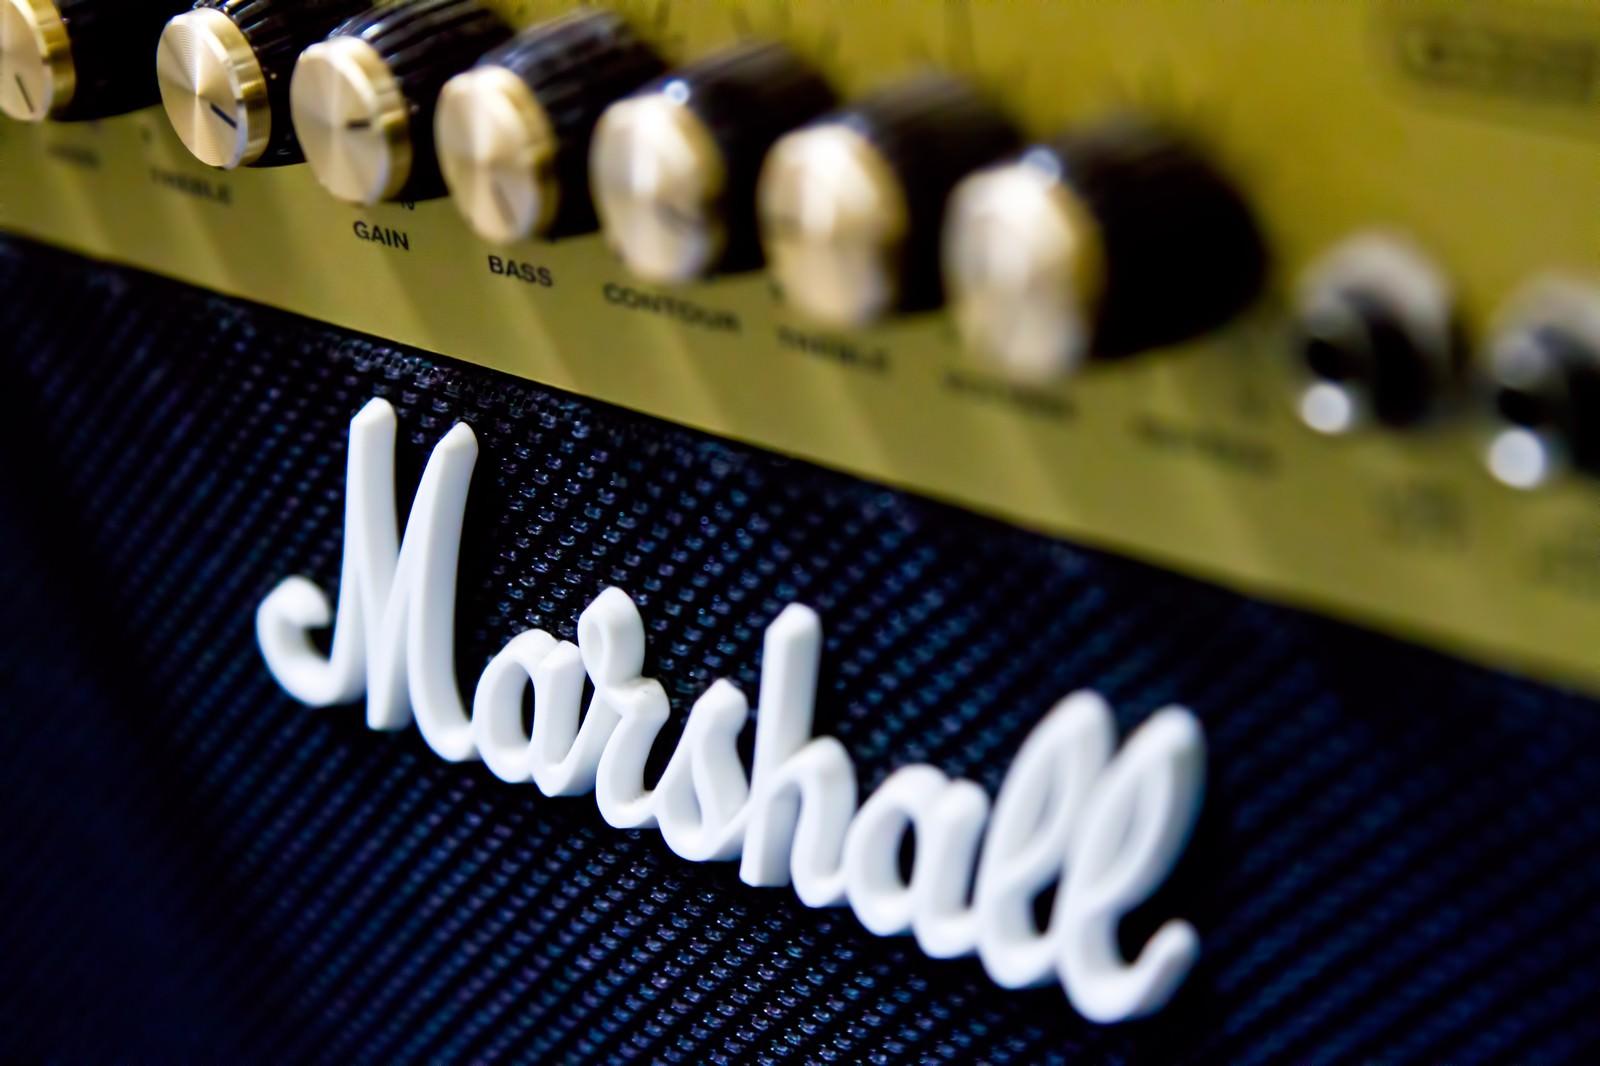 「マーシャルのギターアンプ」の写真